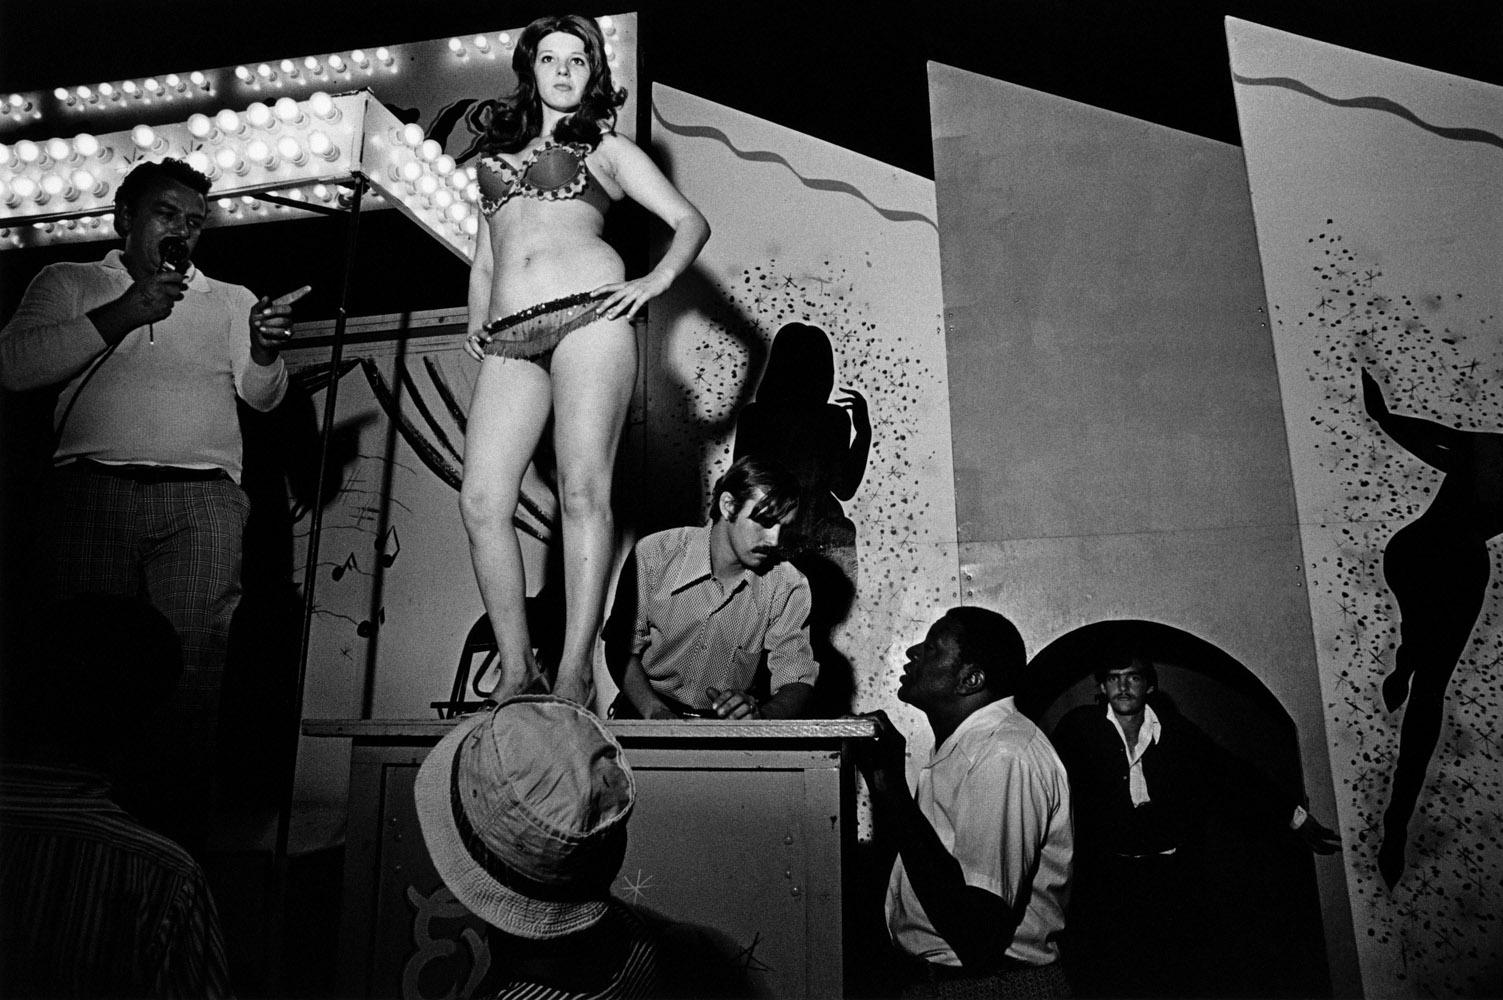 Série Strippers de Carnaval, Vermont 1973 • Crédito: Susan Meiselas